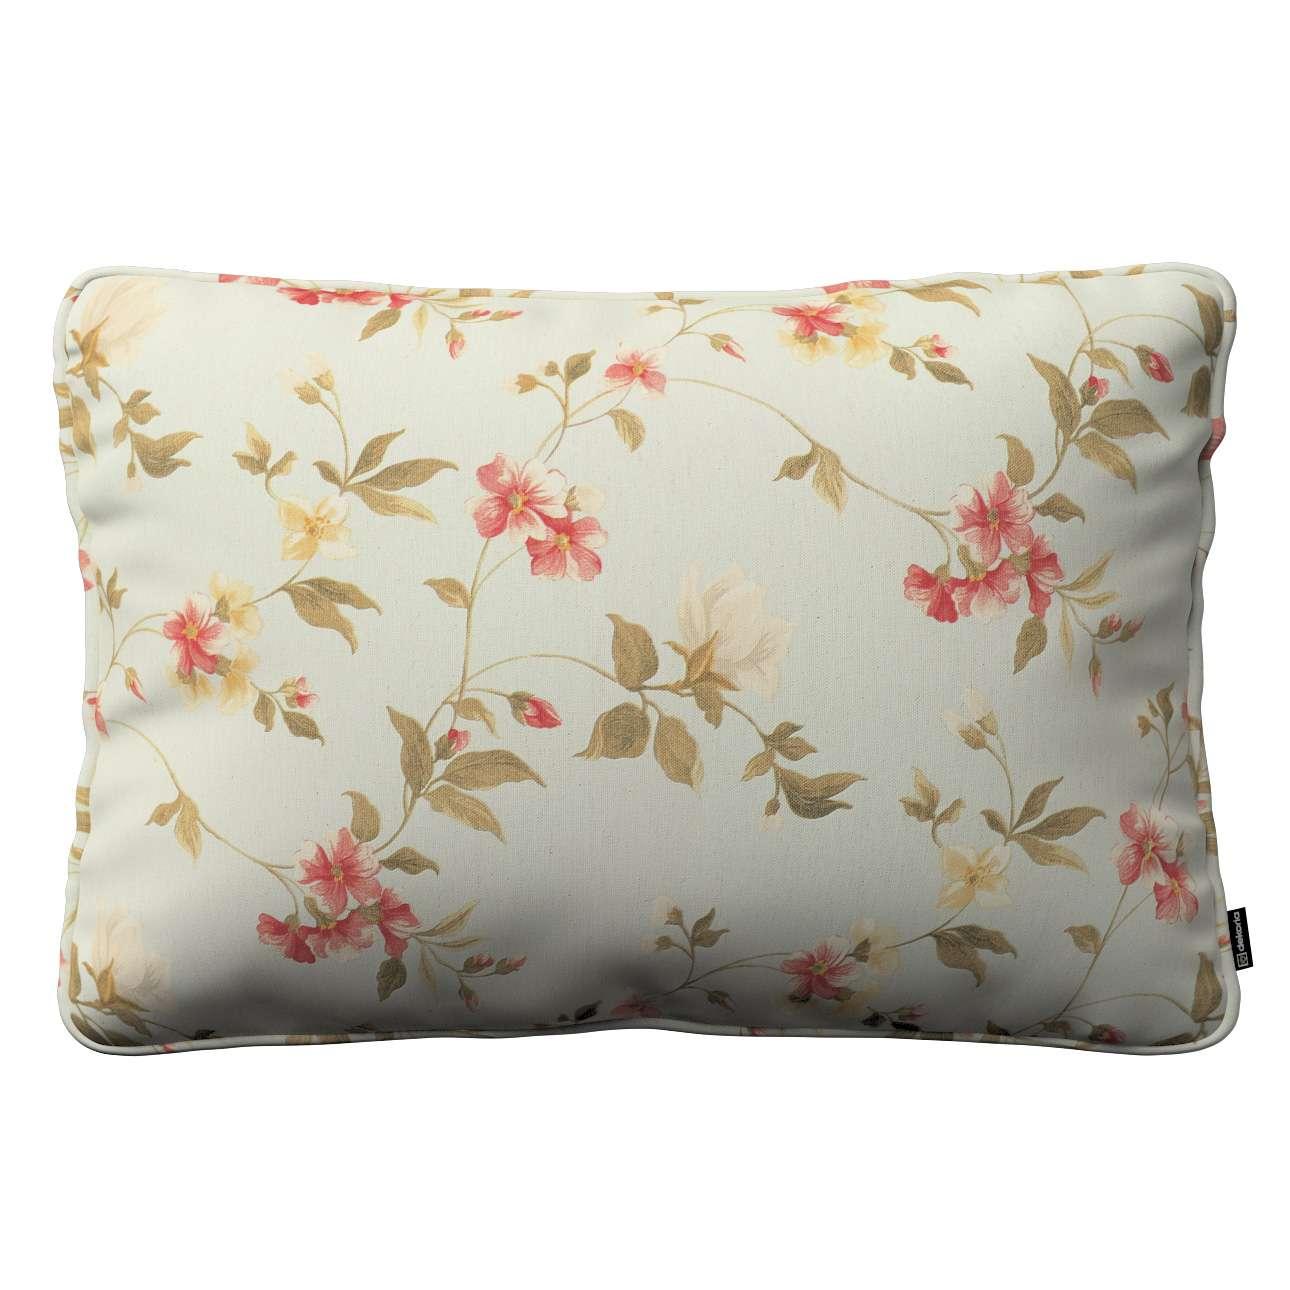 Poszewka Gabi na poduszkę prostokątna 60 x 40 cm w kolekcji Londres, tkanina: 124-65